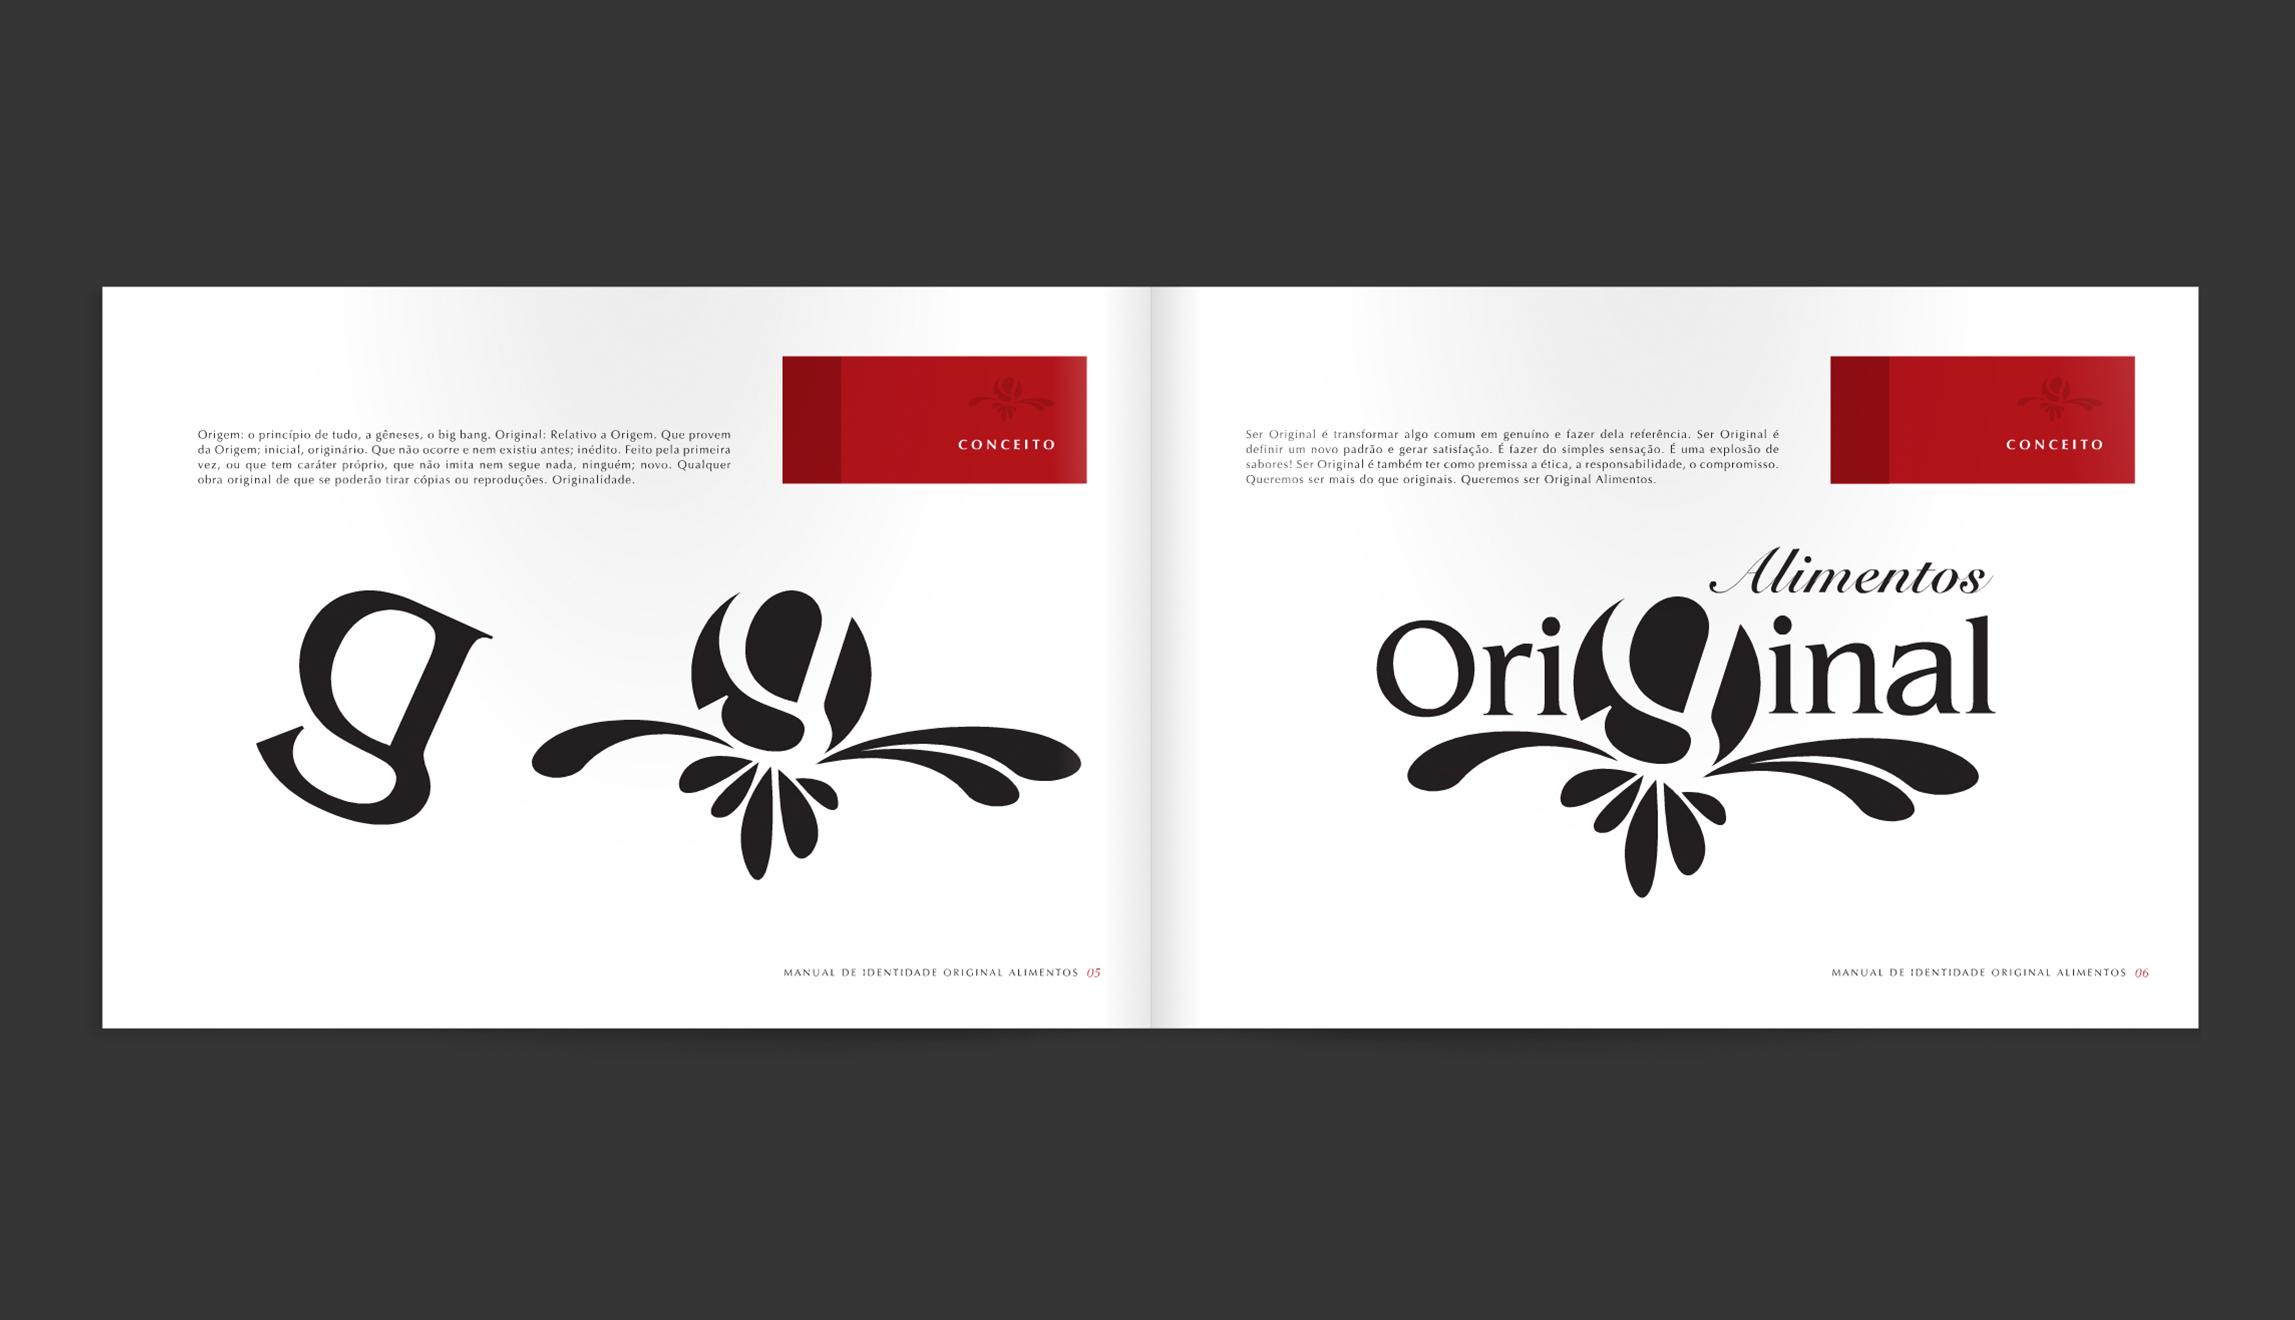 Manual-Original-3